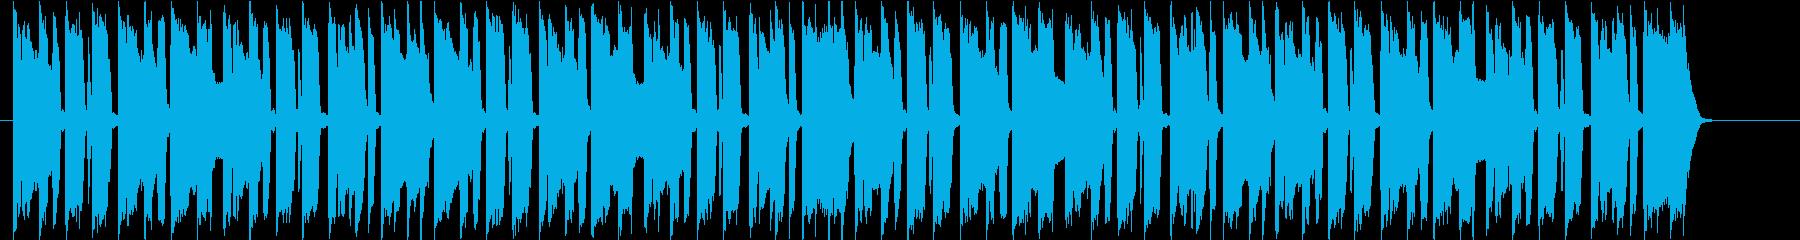 40秒ほどのジングルにも使えるBGMですの再生済みの波形